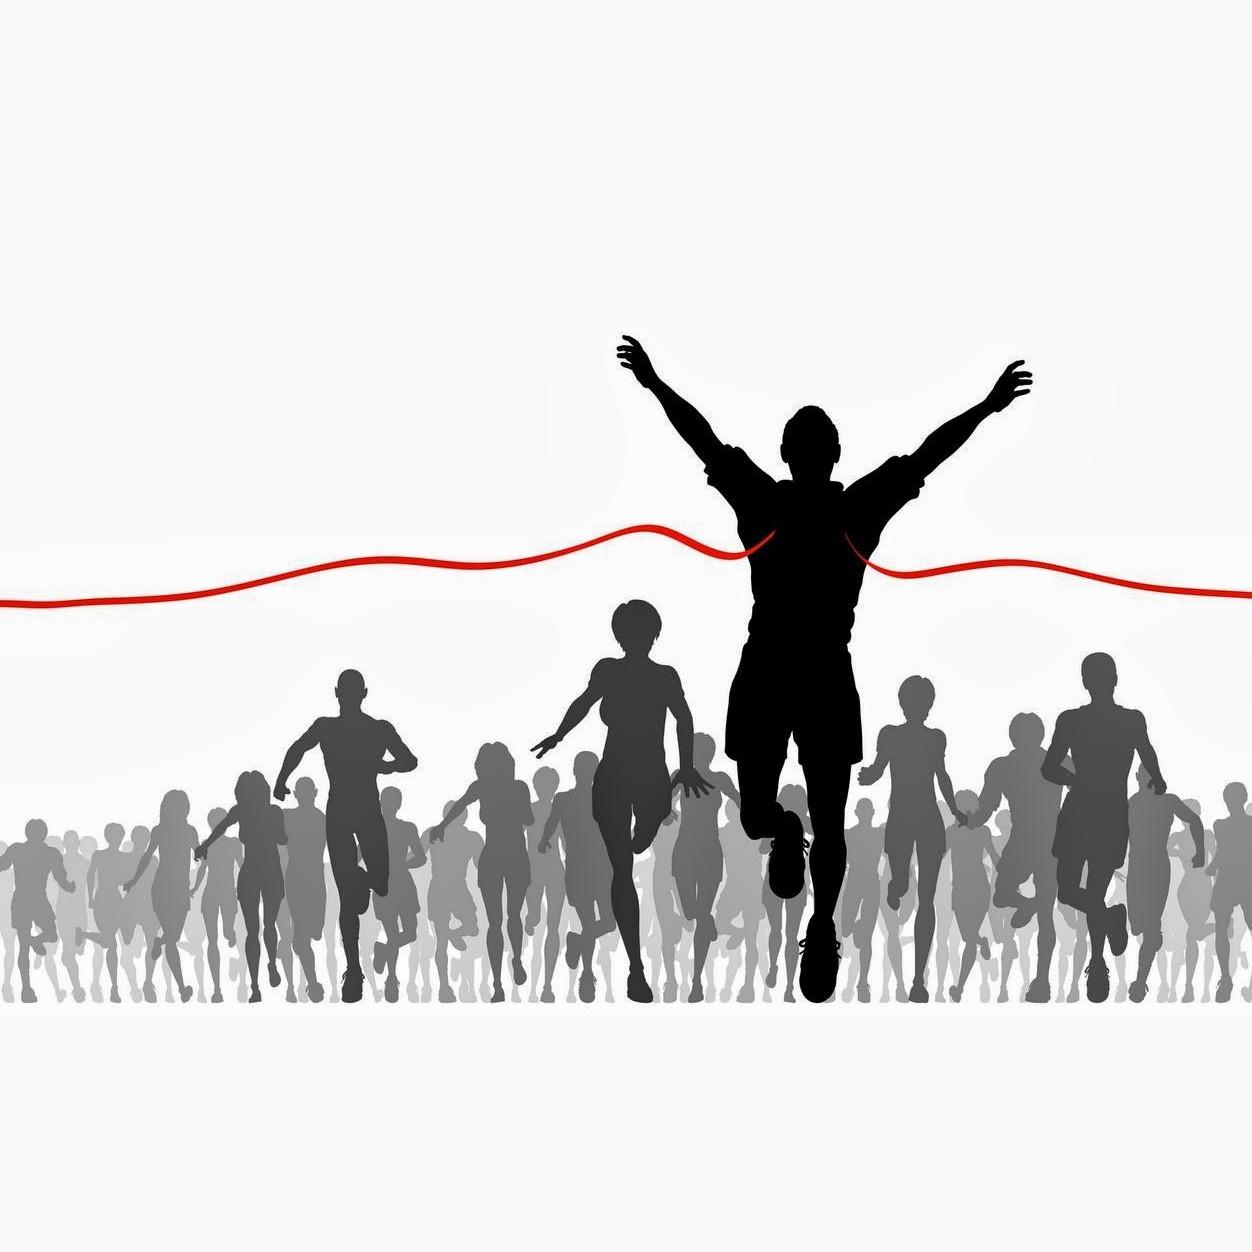 2019 — HOPE SPRINGS 5K FREEDOM RUN/WALK 2019 — Race Roster